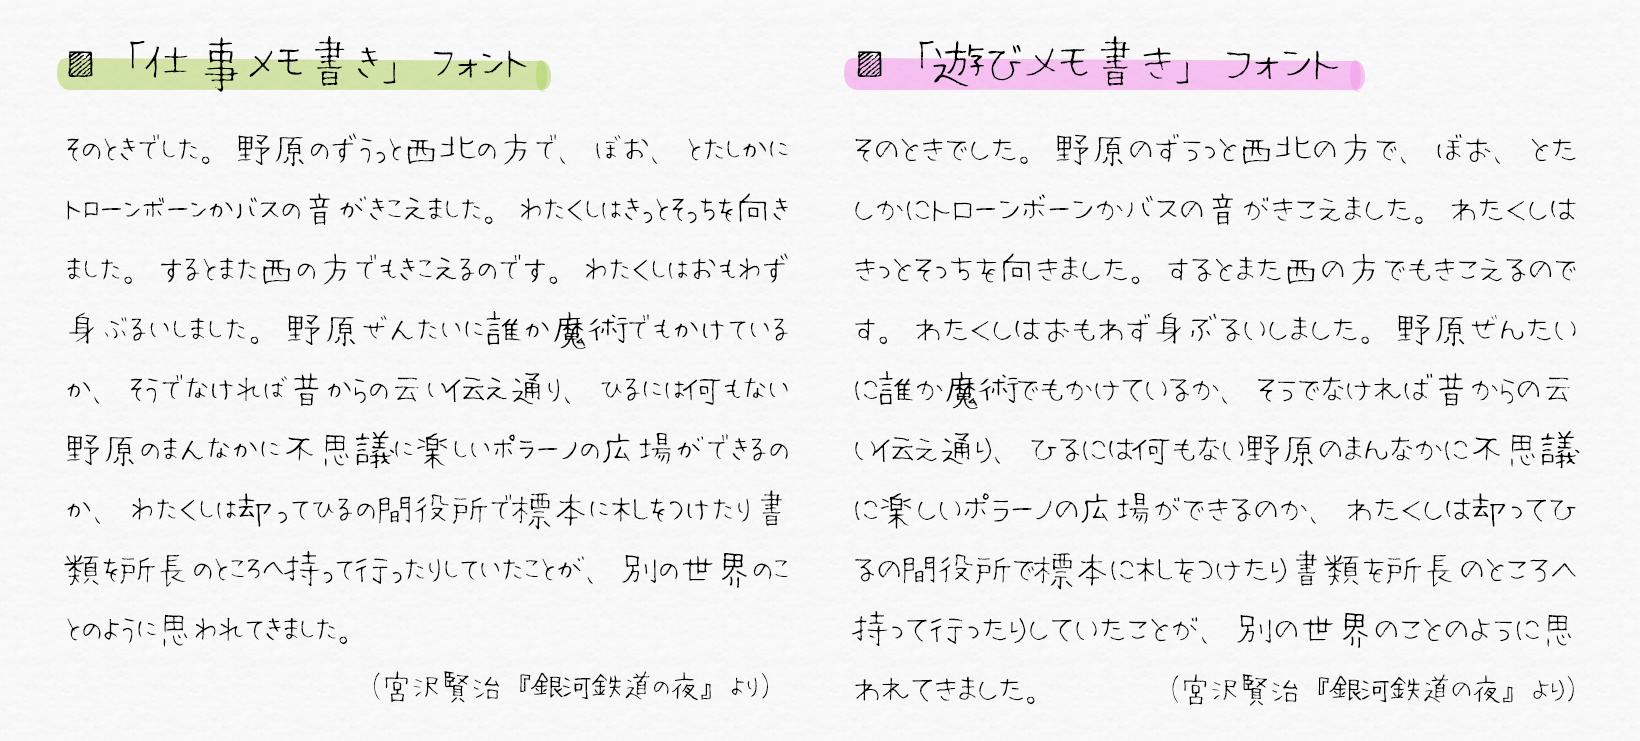 仕事メモ書き」フォントdl(遊びメモ書きフォントとの比較) | font